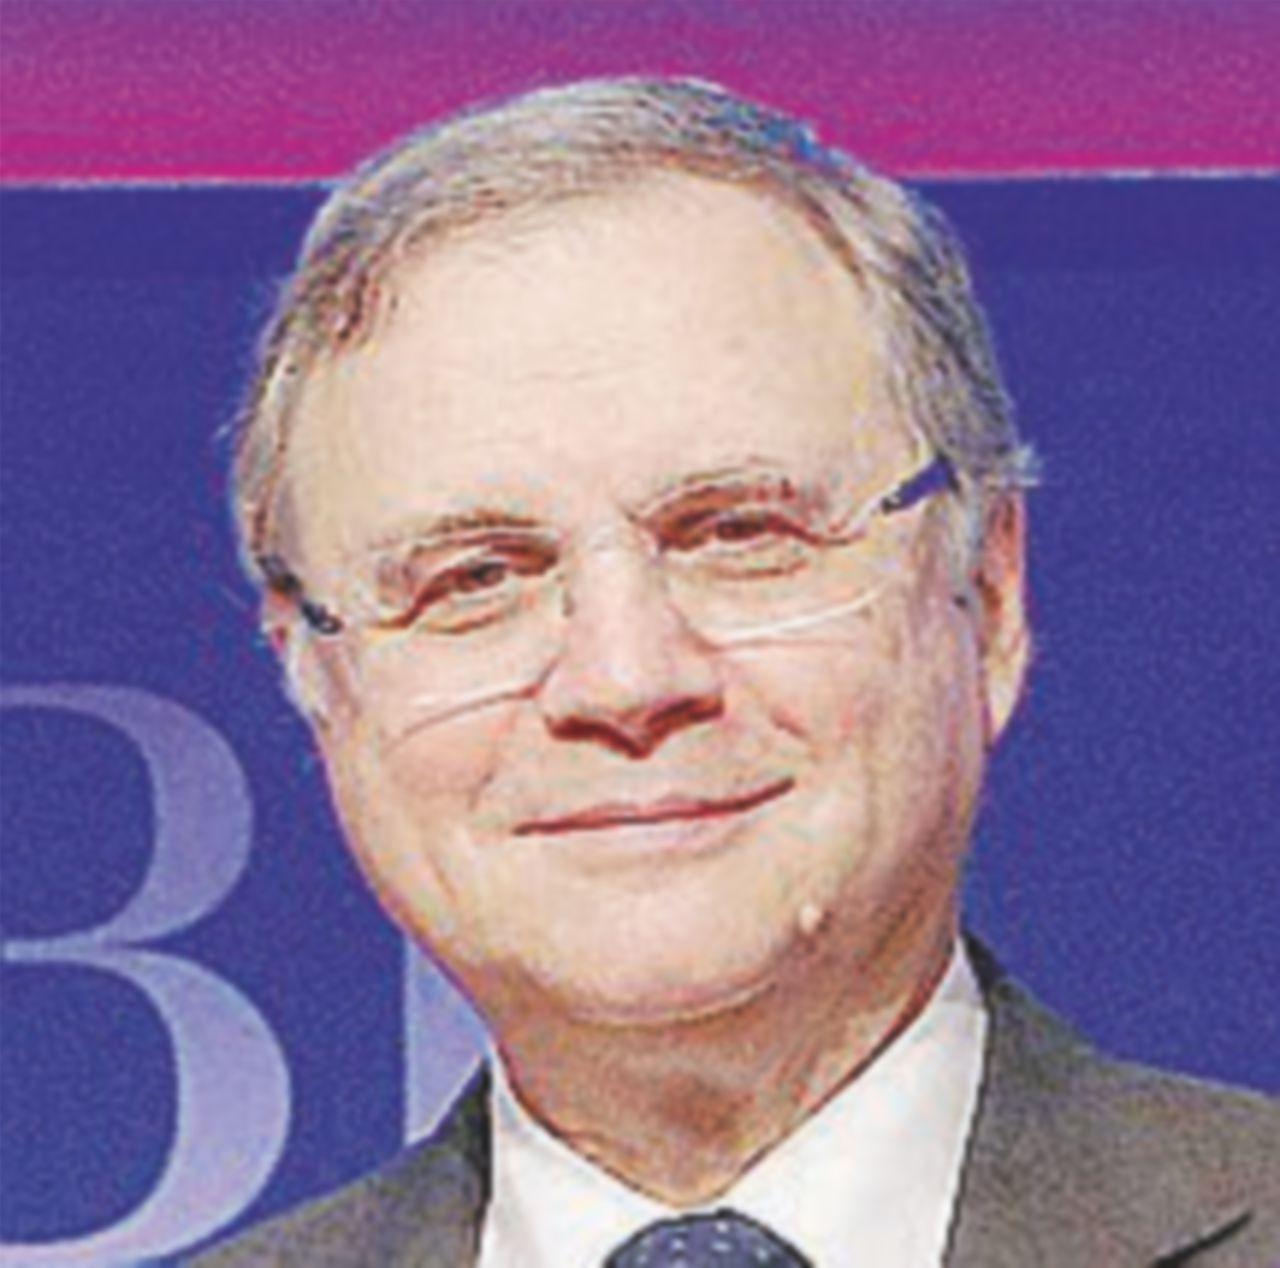 Riforma delle Bcc, l'eterno ritorno dei soliti noti: Bankitalia ignorata